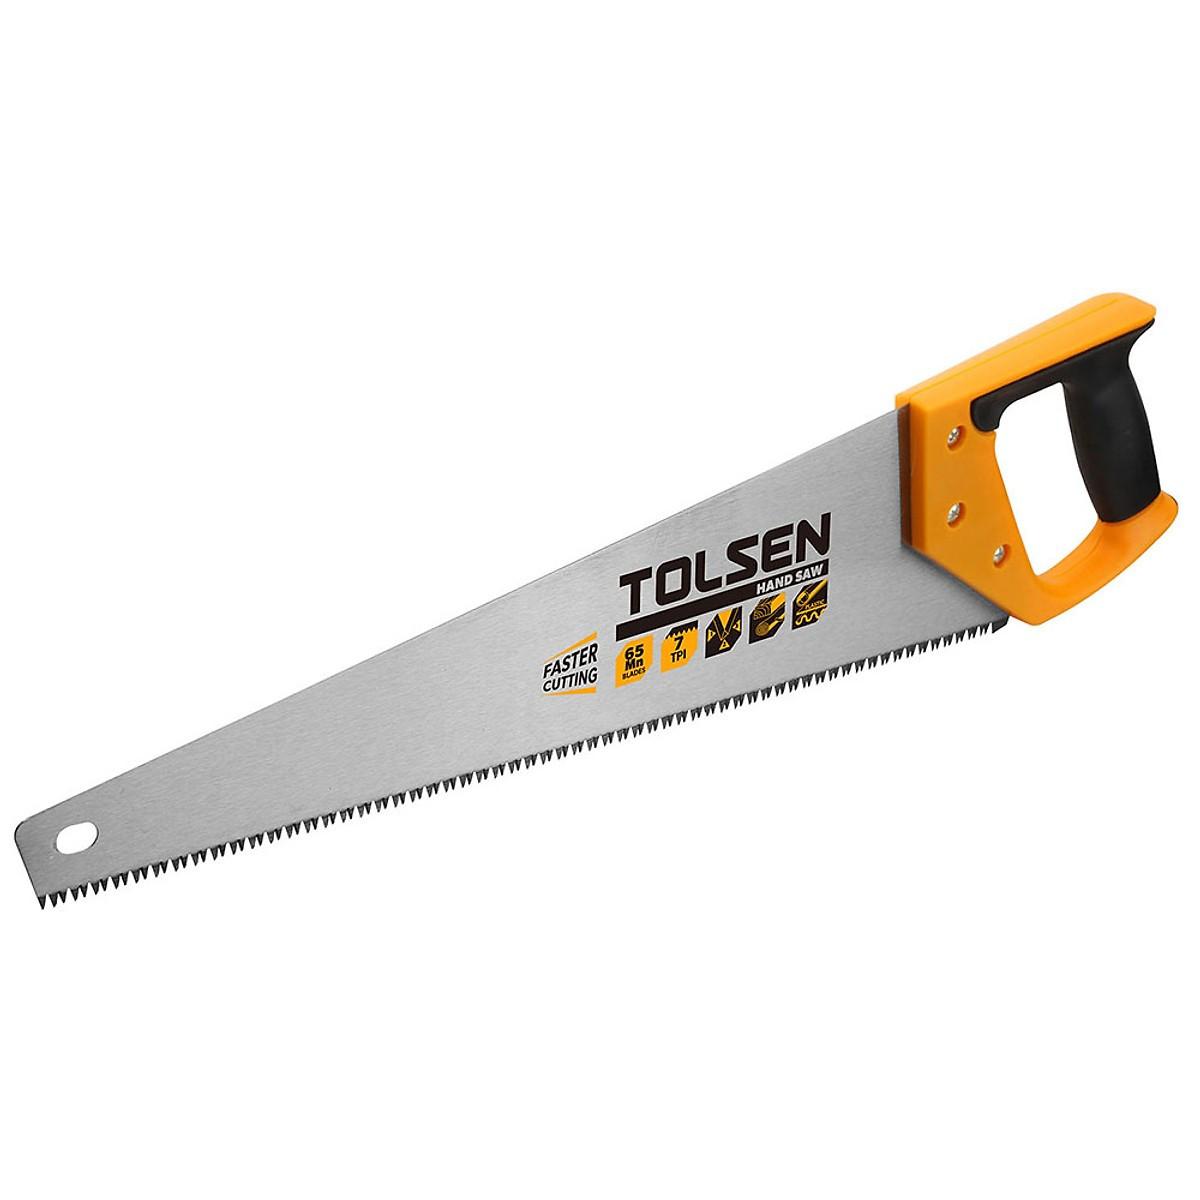 Ножовка по дереву Tolsen 550 мм 7TPI (31073)